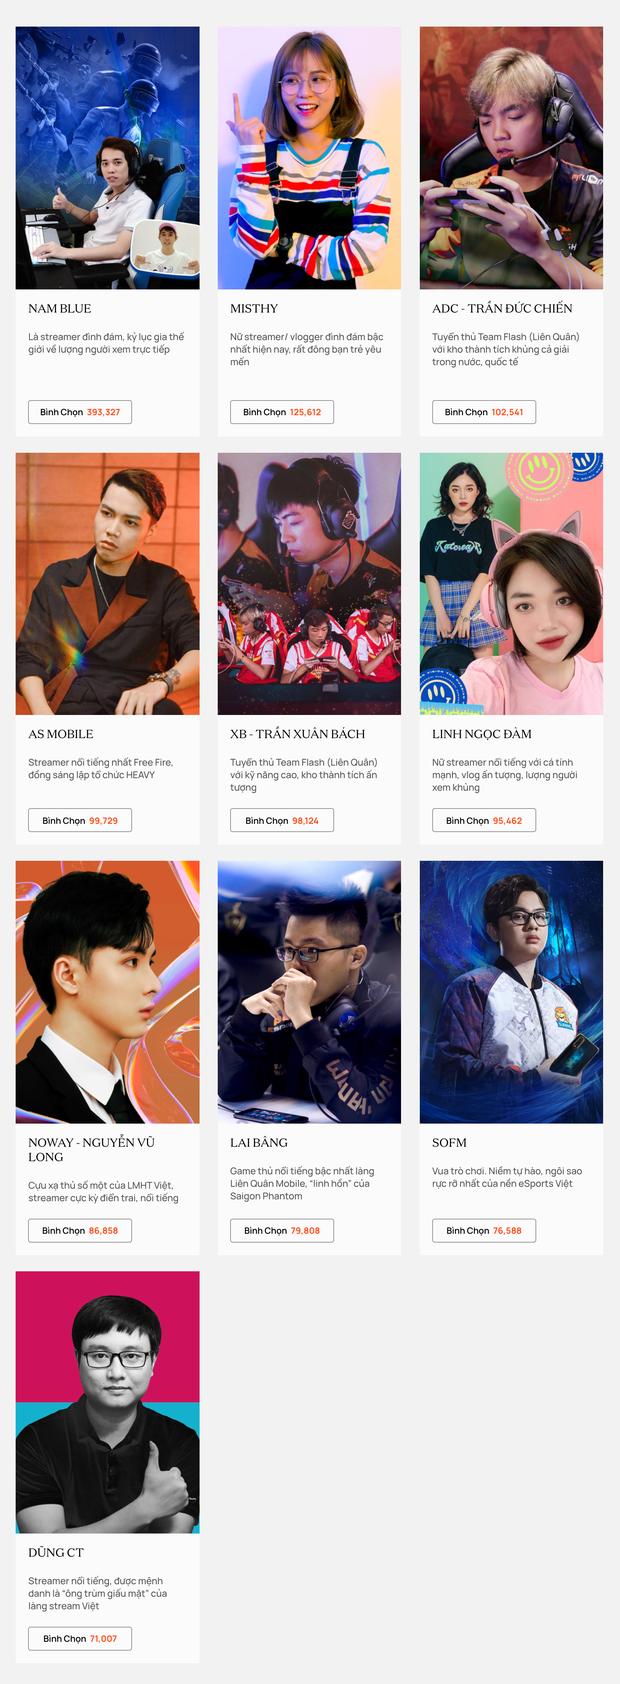 Cổng bình chọn đã chính thức đóng, cập nhật nóng những cái tên dẫn đầu tại WeChoice Awards 2020! - Ảnh 9.